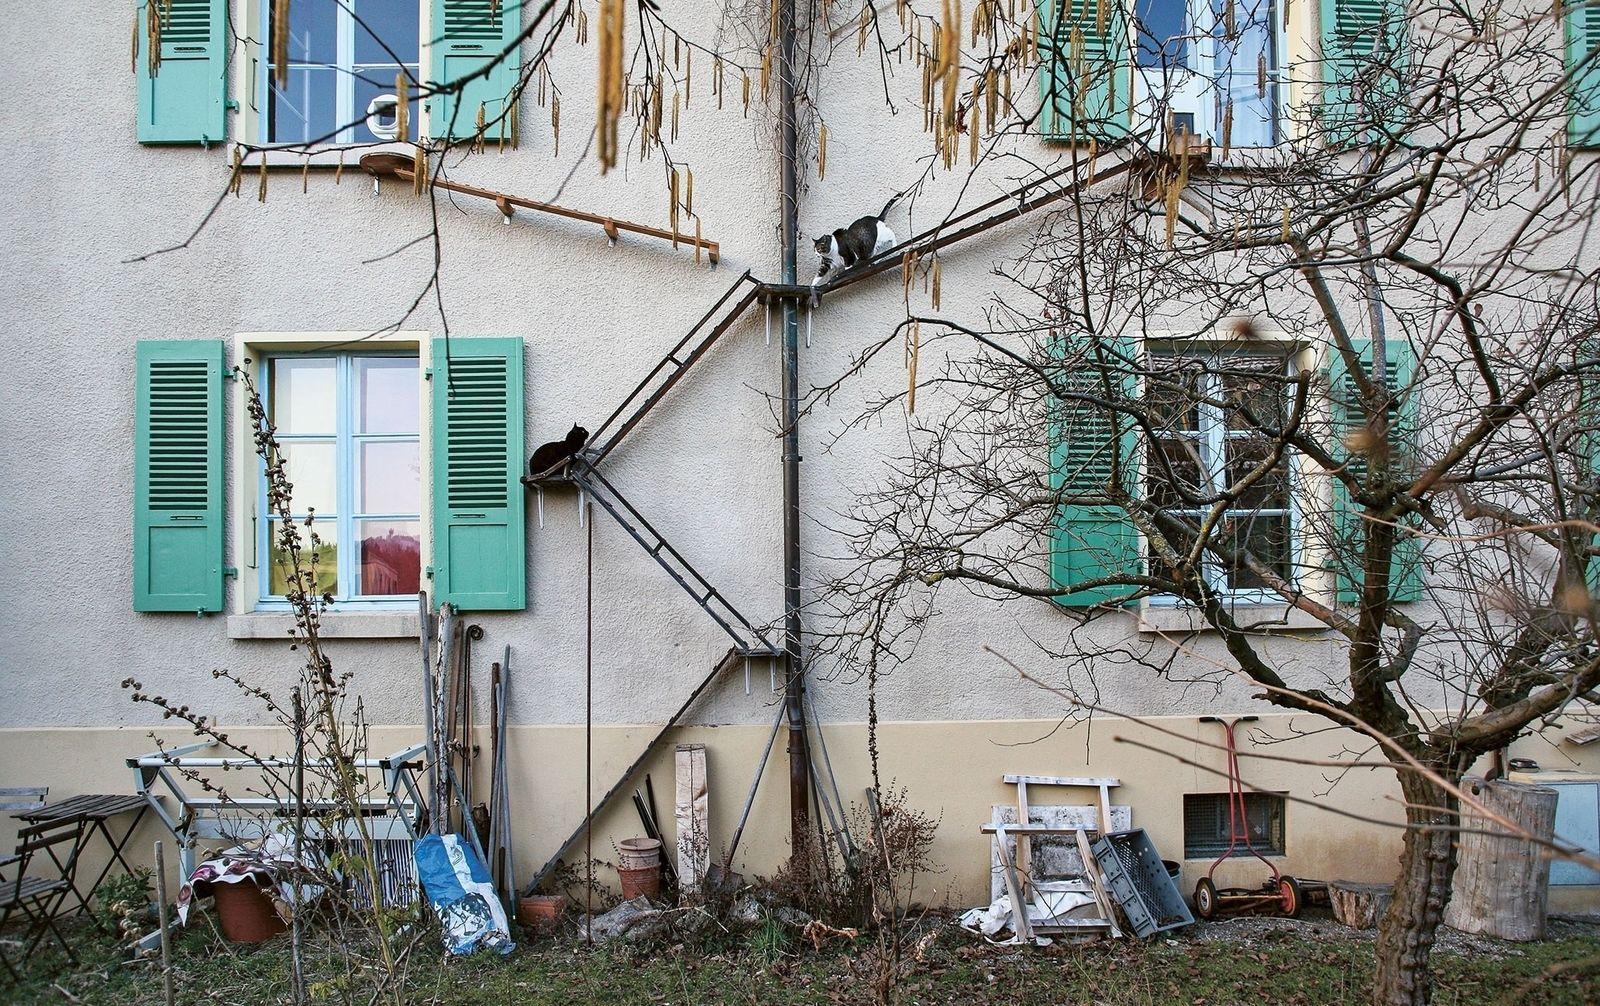 Suiza, el lugar donde los gatos tienen escaleras propias